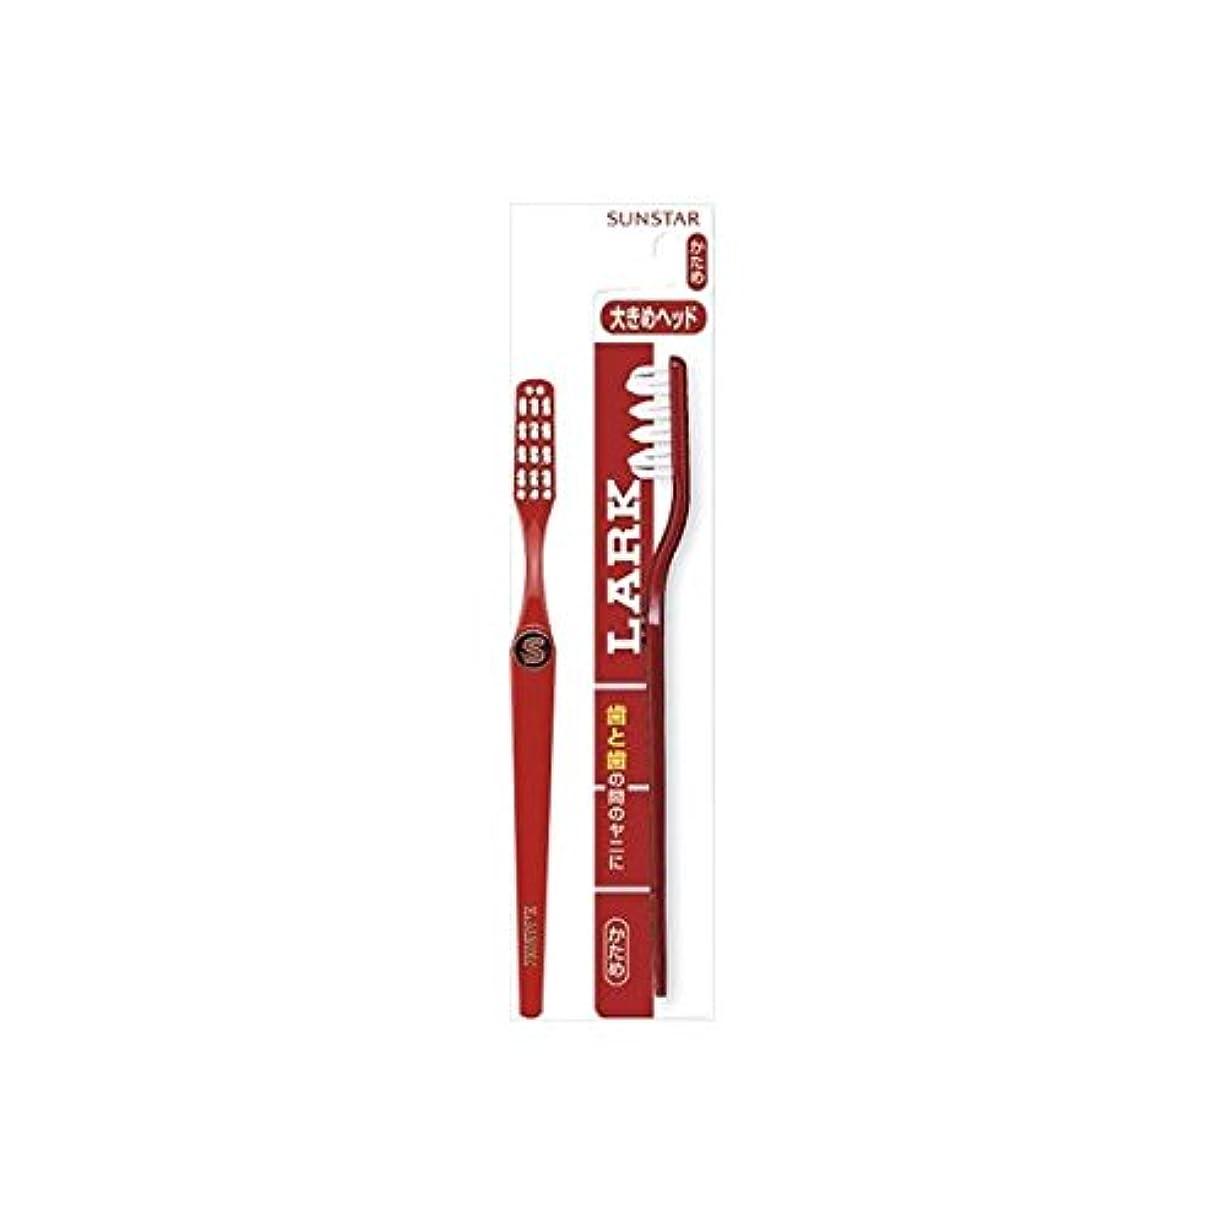 不一致できない再現するサンスター ラーク 歯ブラシ レギュラーヘッド × 6 点セット